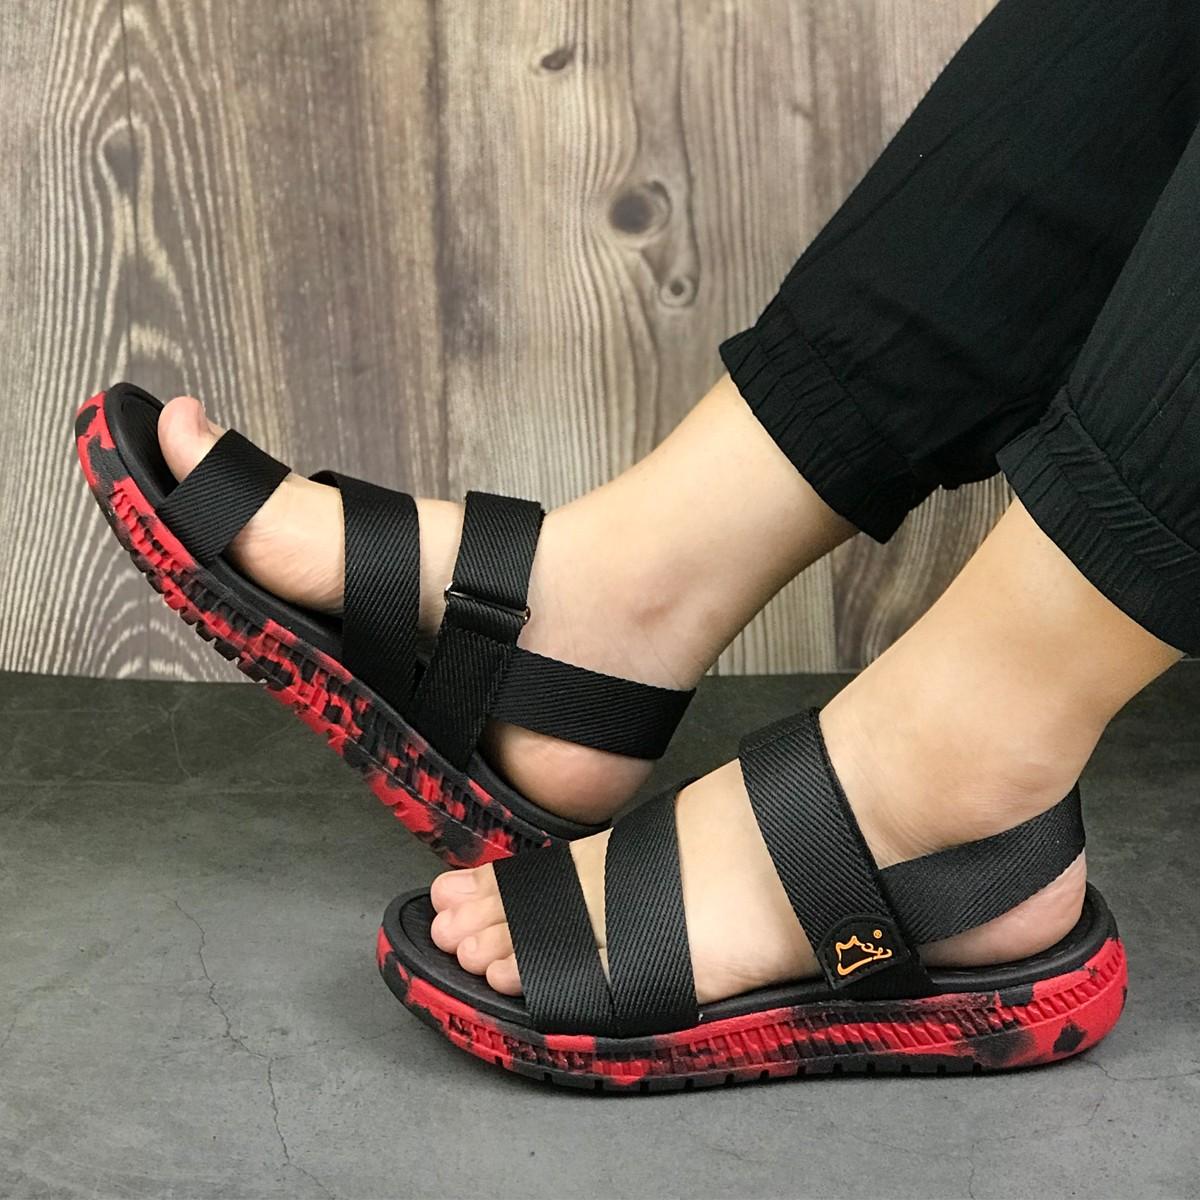 Giày sandal nữ siêu nhẹ hiệu MOL thích hợp mang đi học MS2B2